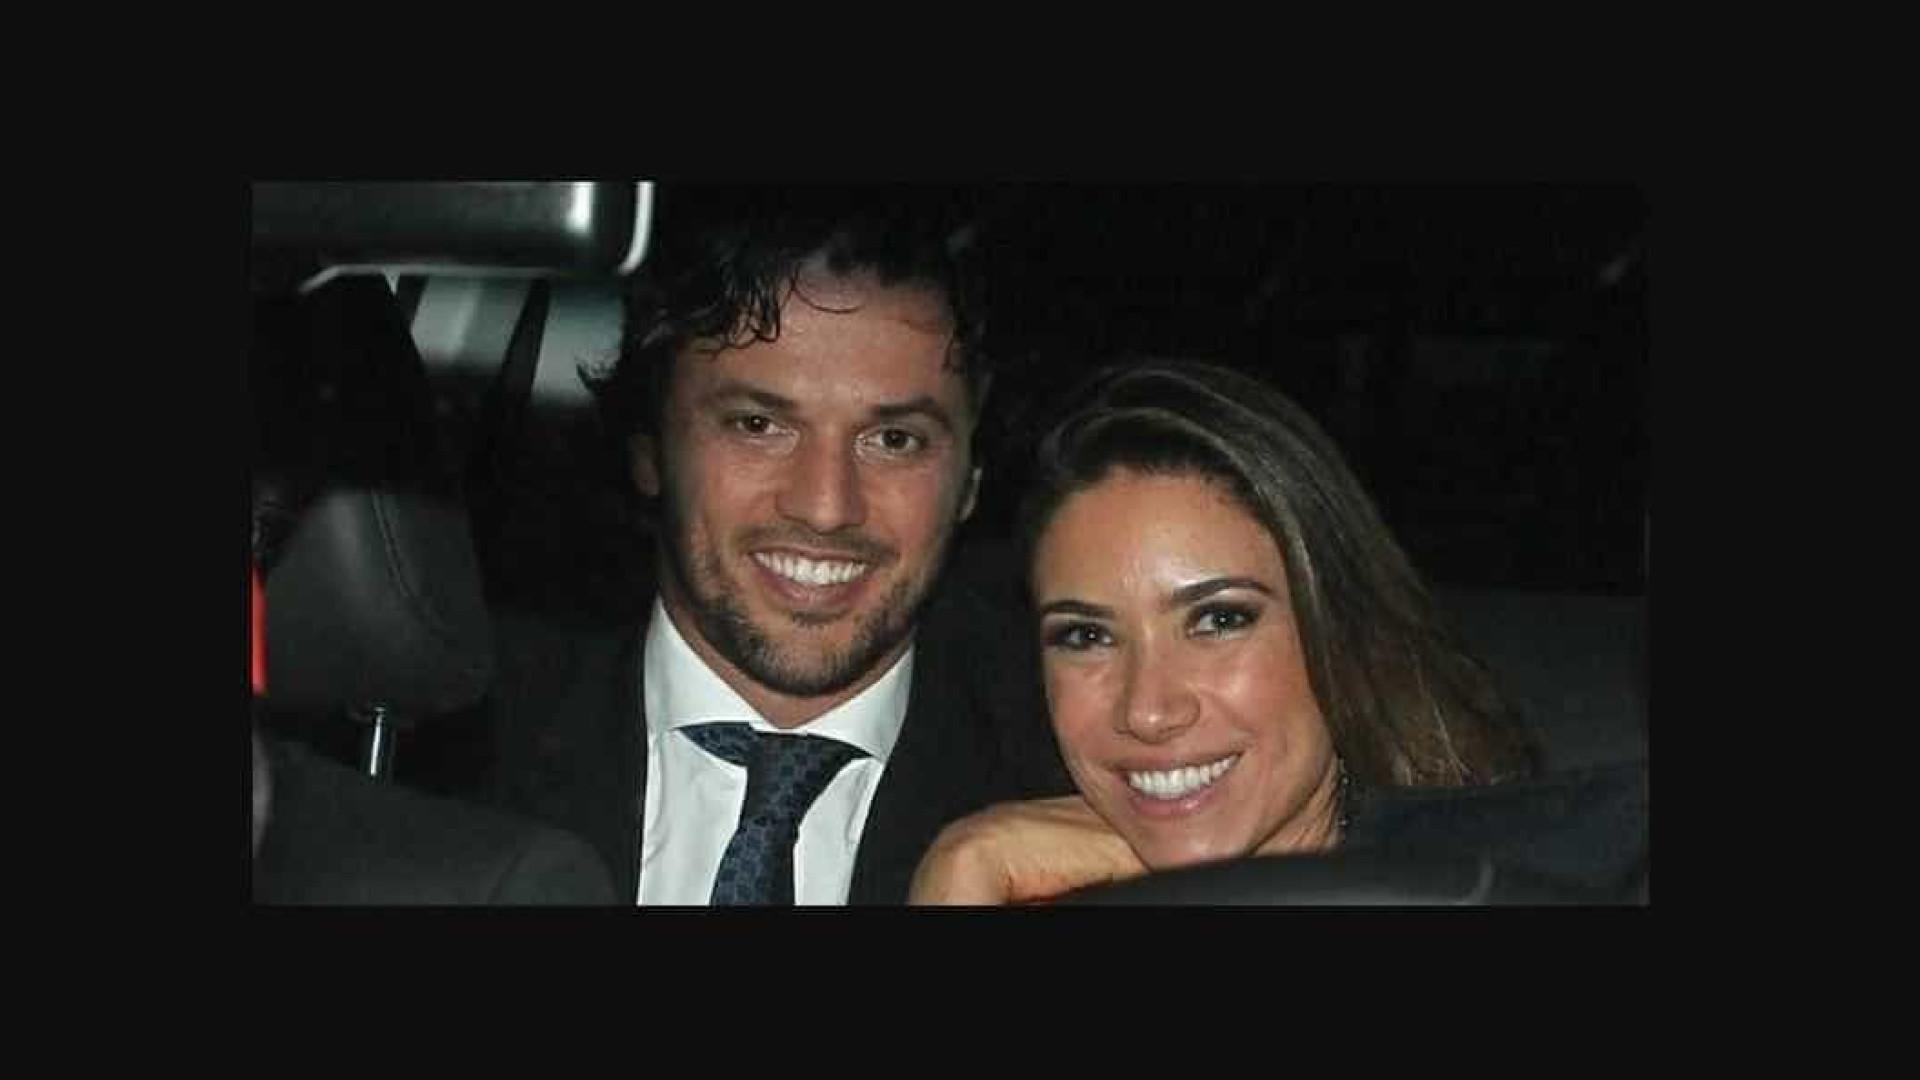 Patricia Abravanel mostra marido fingindo ser Silvio Santos em trote